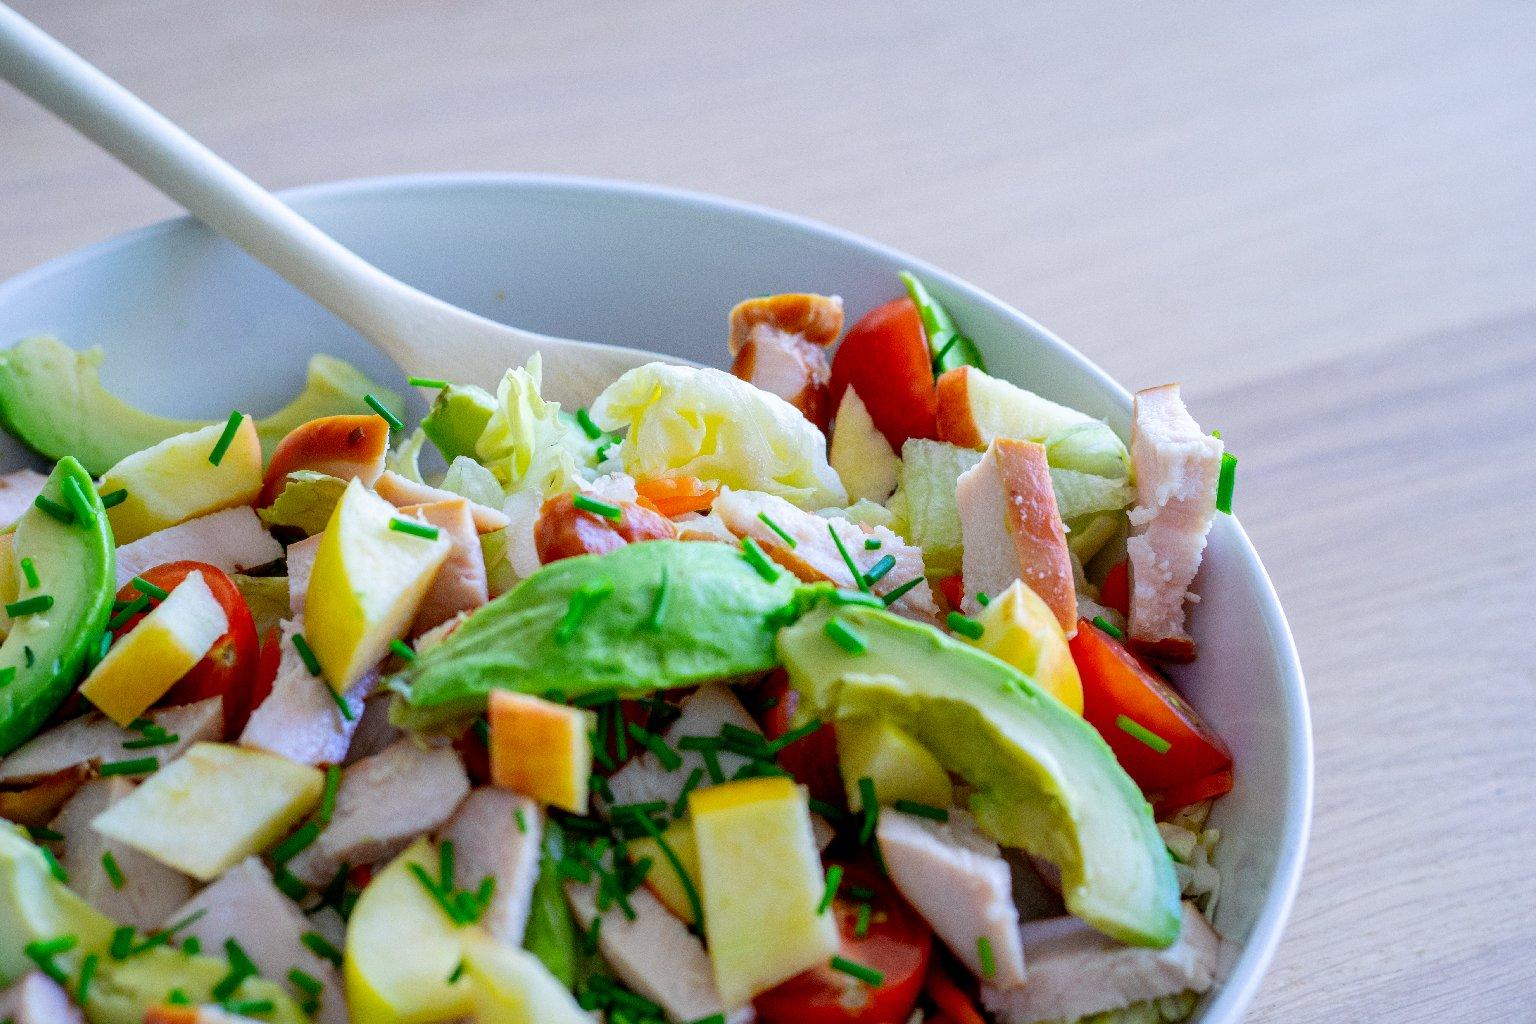 saladerecepten